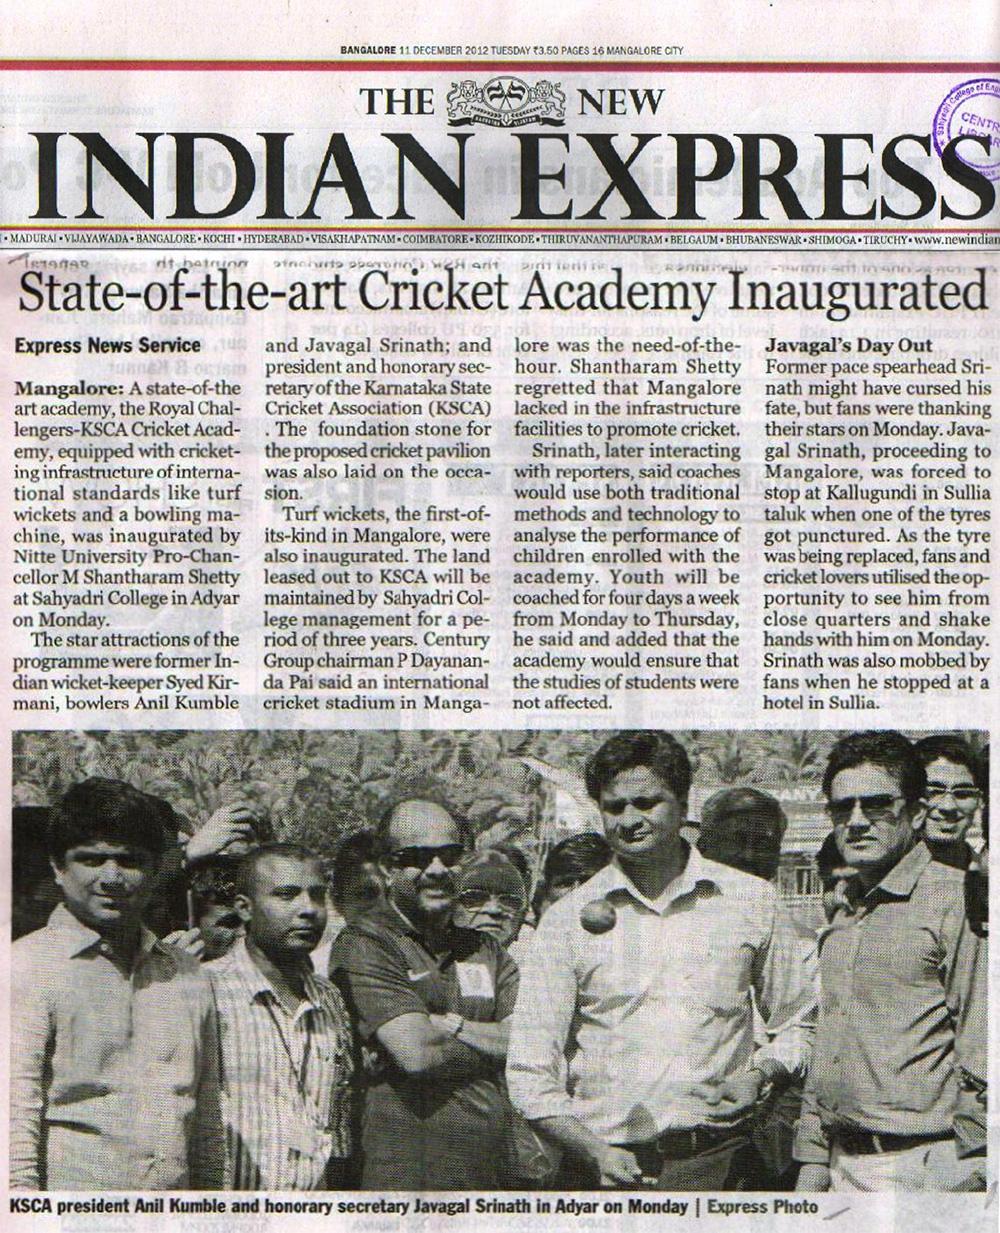 Indian-Express-11-12-2012